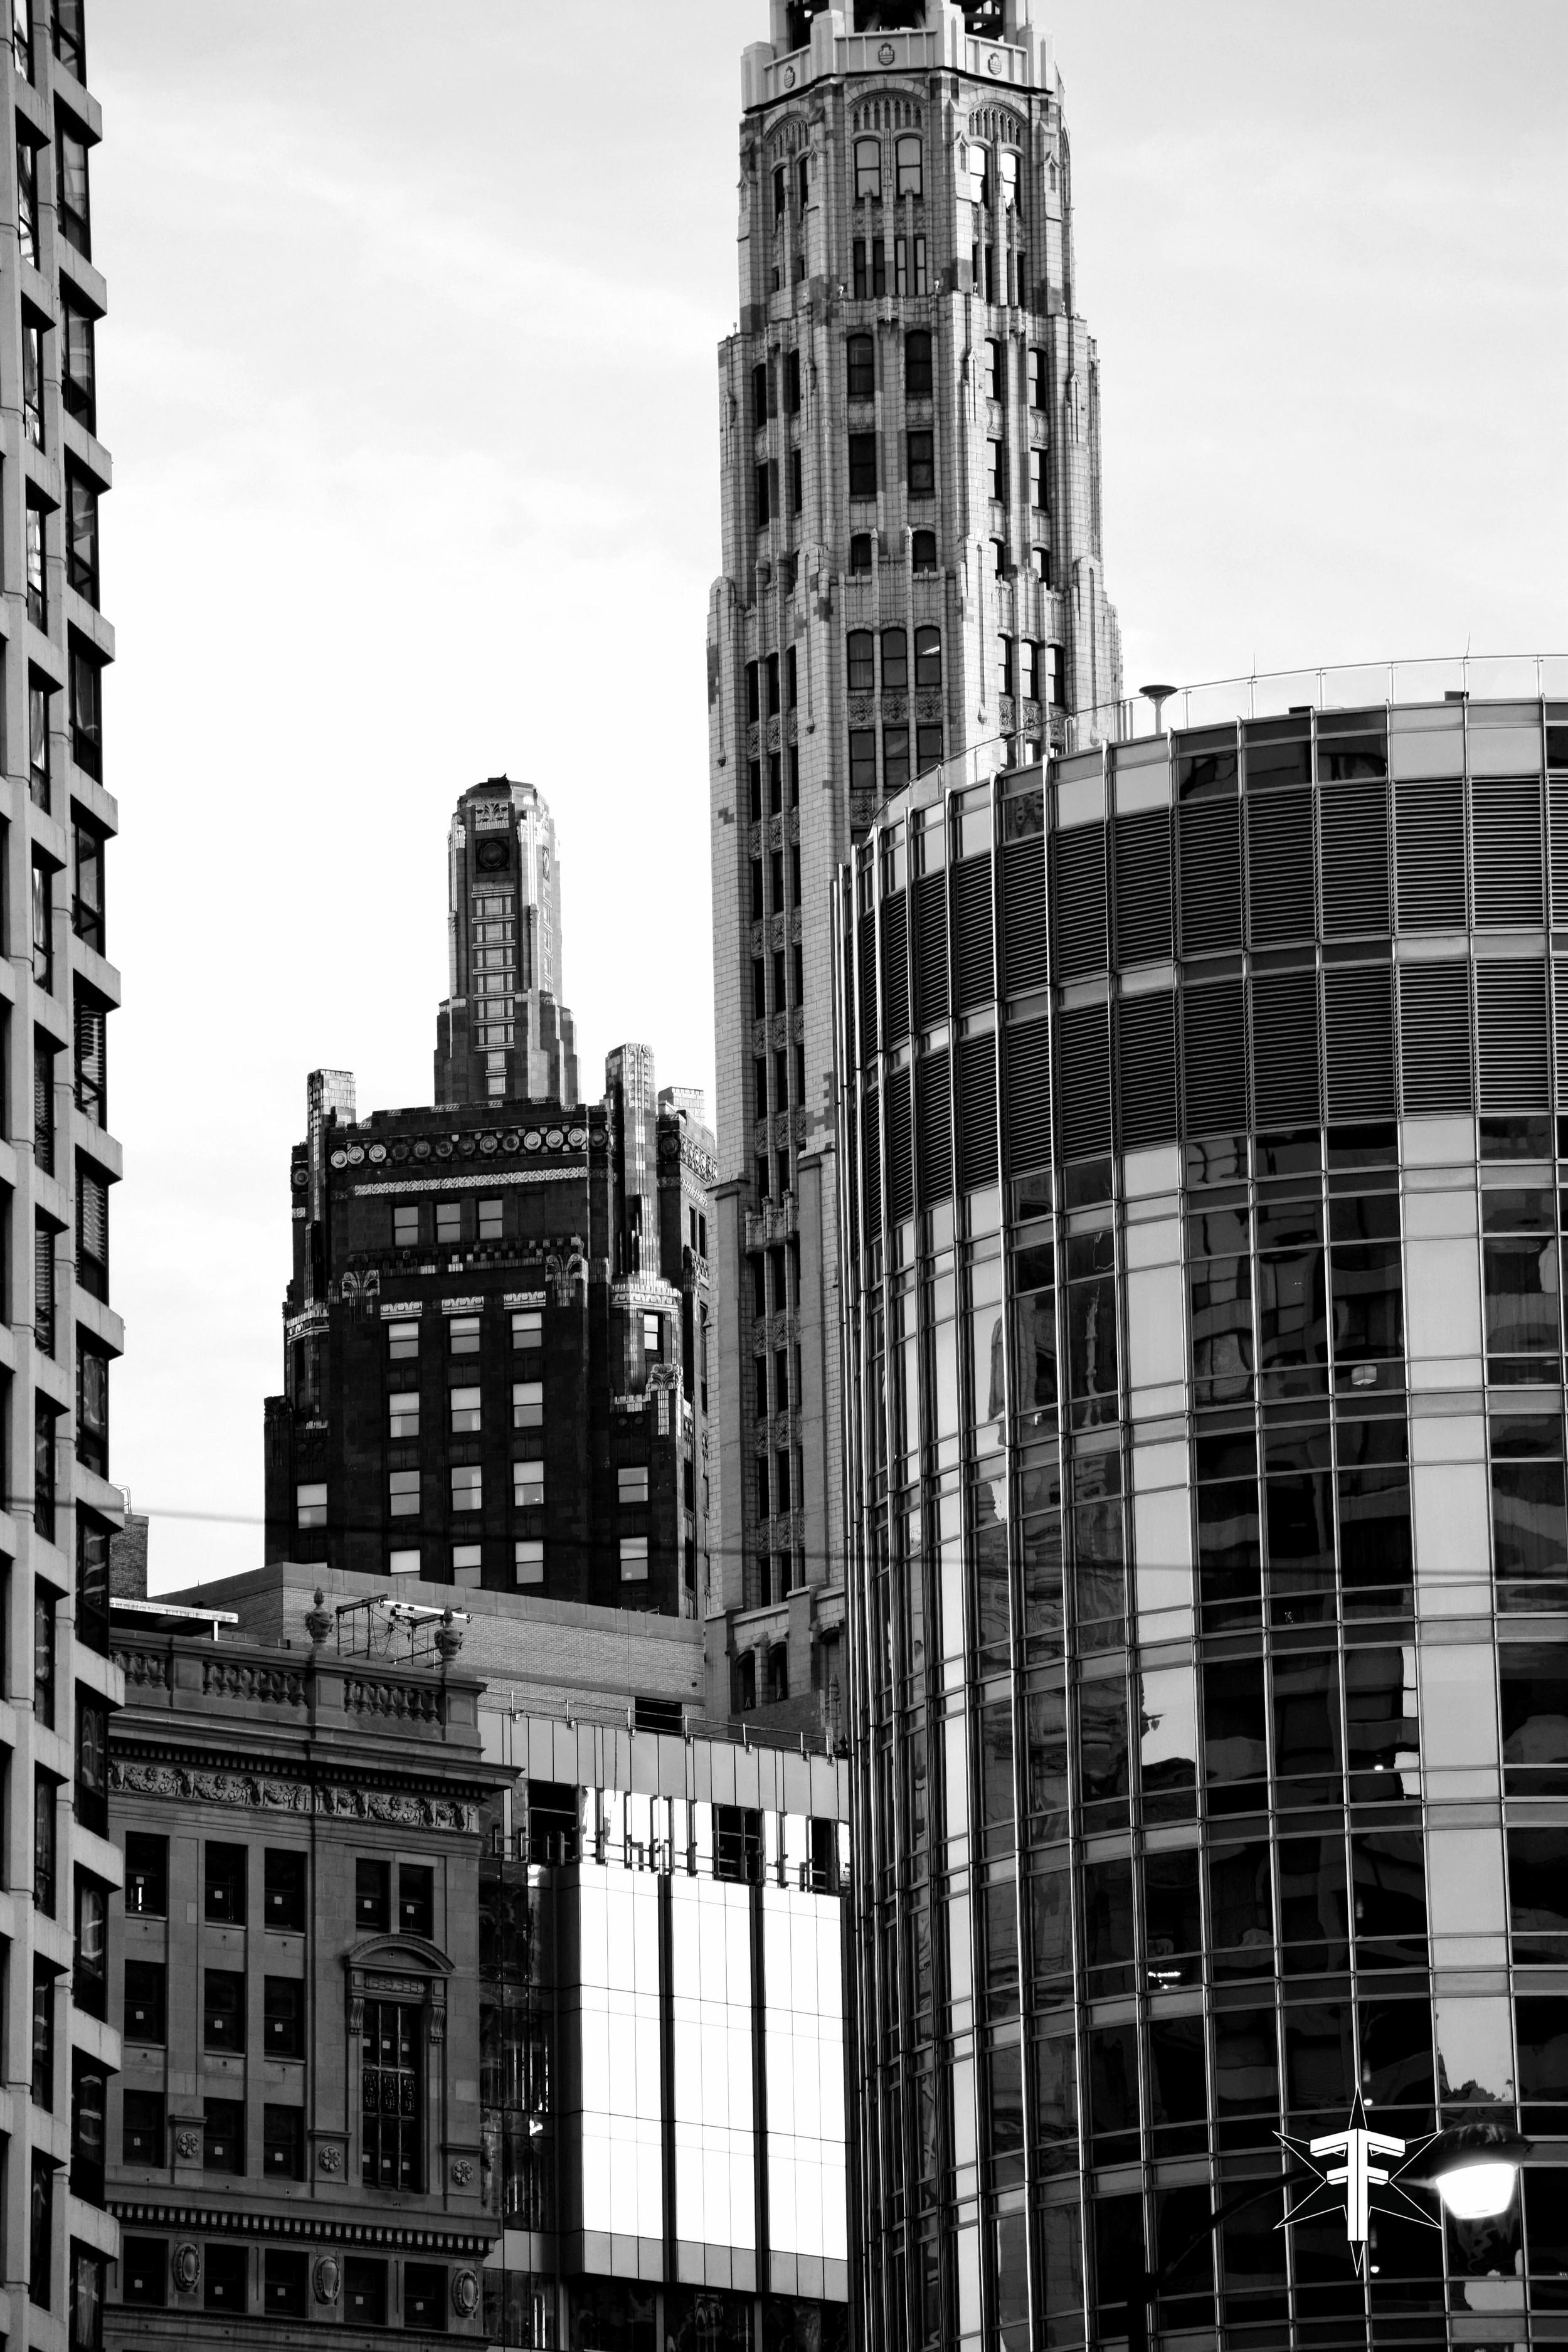 chicago architecture eric formato photography design arquitectura architettura buildings skyscraper skyscrapers-142.jpg